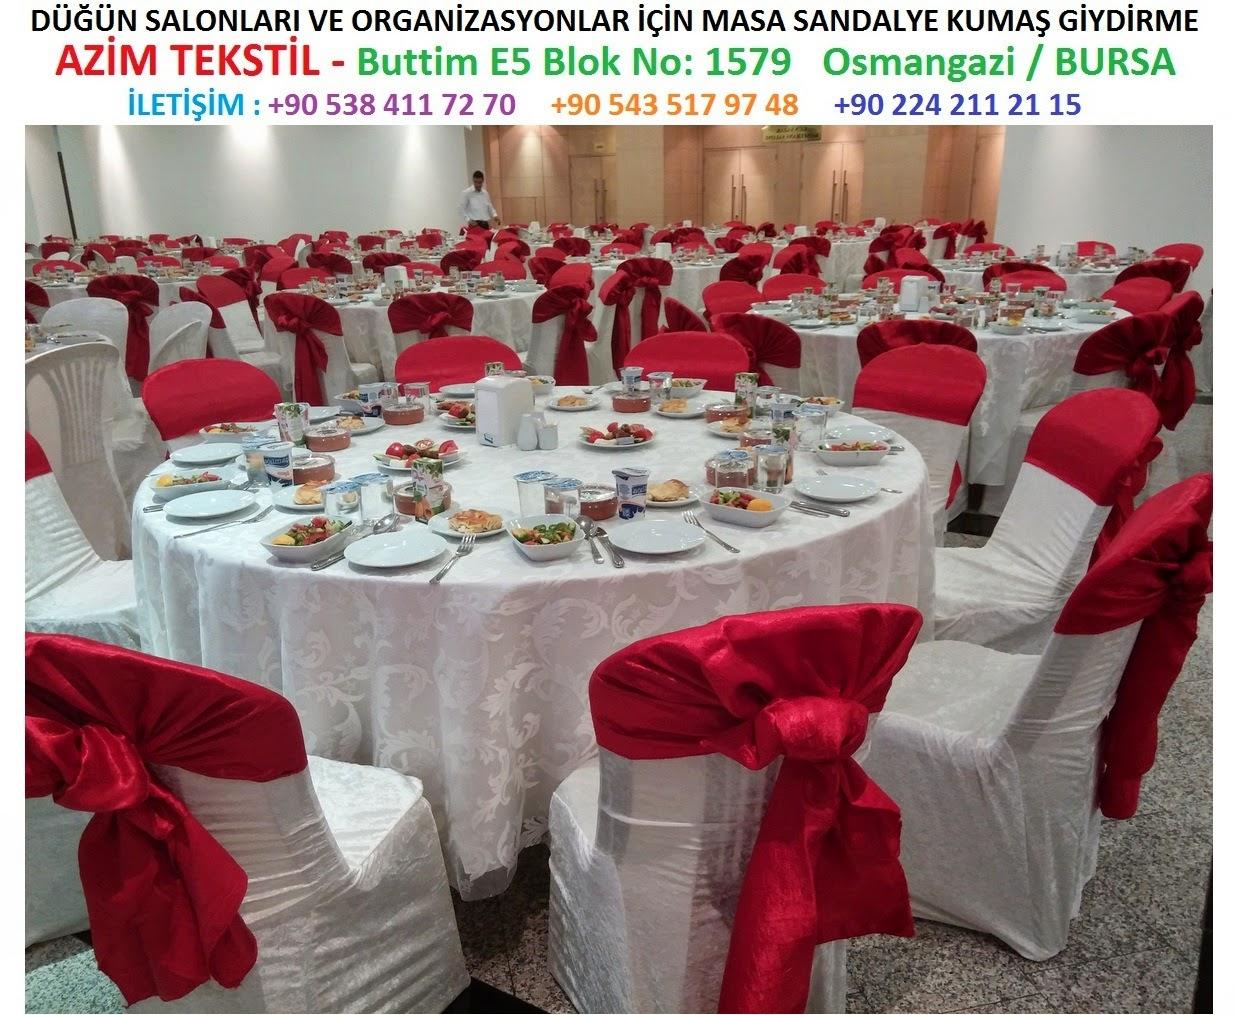 Kırmızı Beyaz masa sandalye giydirme resimleri ve örnekleri